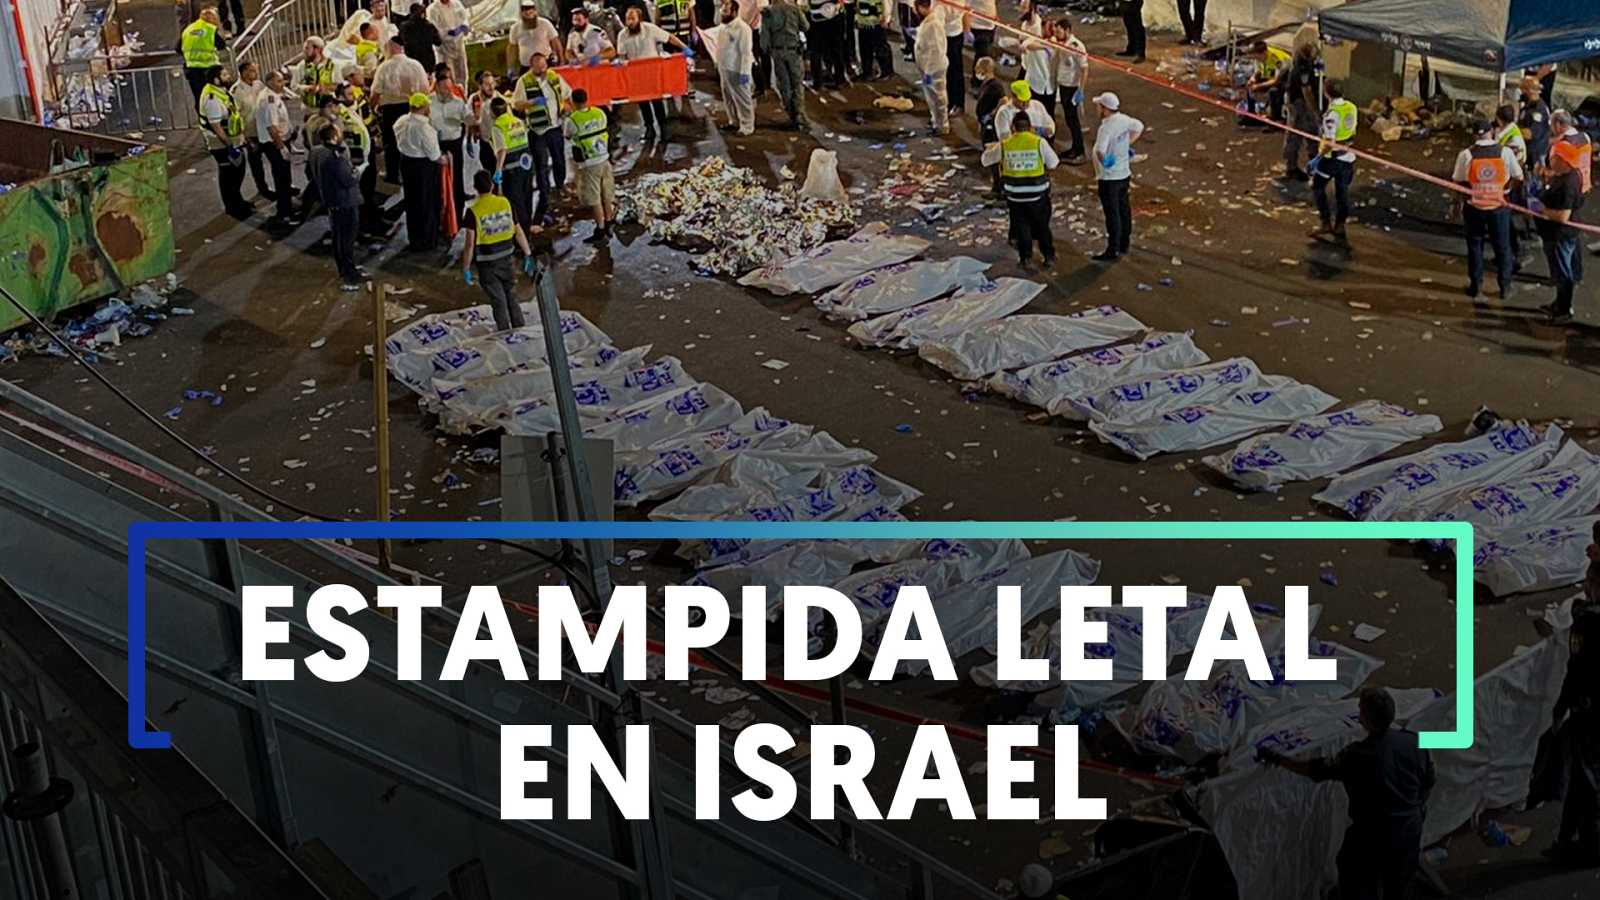 Mueren al menos 45 personas en una estampida en una celebración religiosa en Israel - Ver ahora